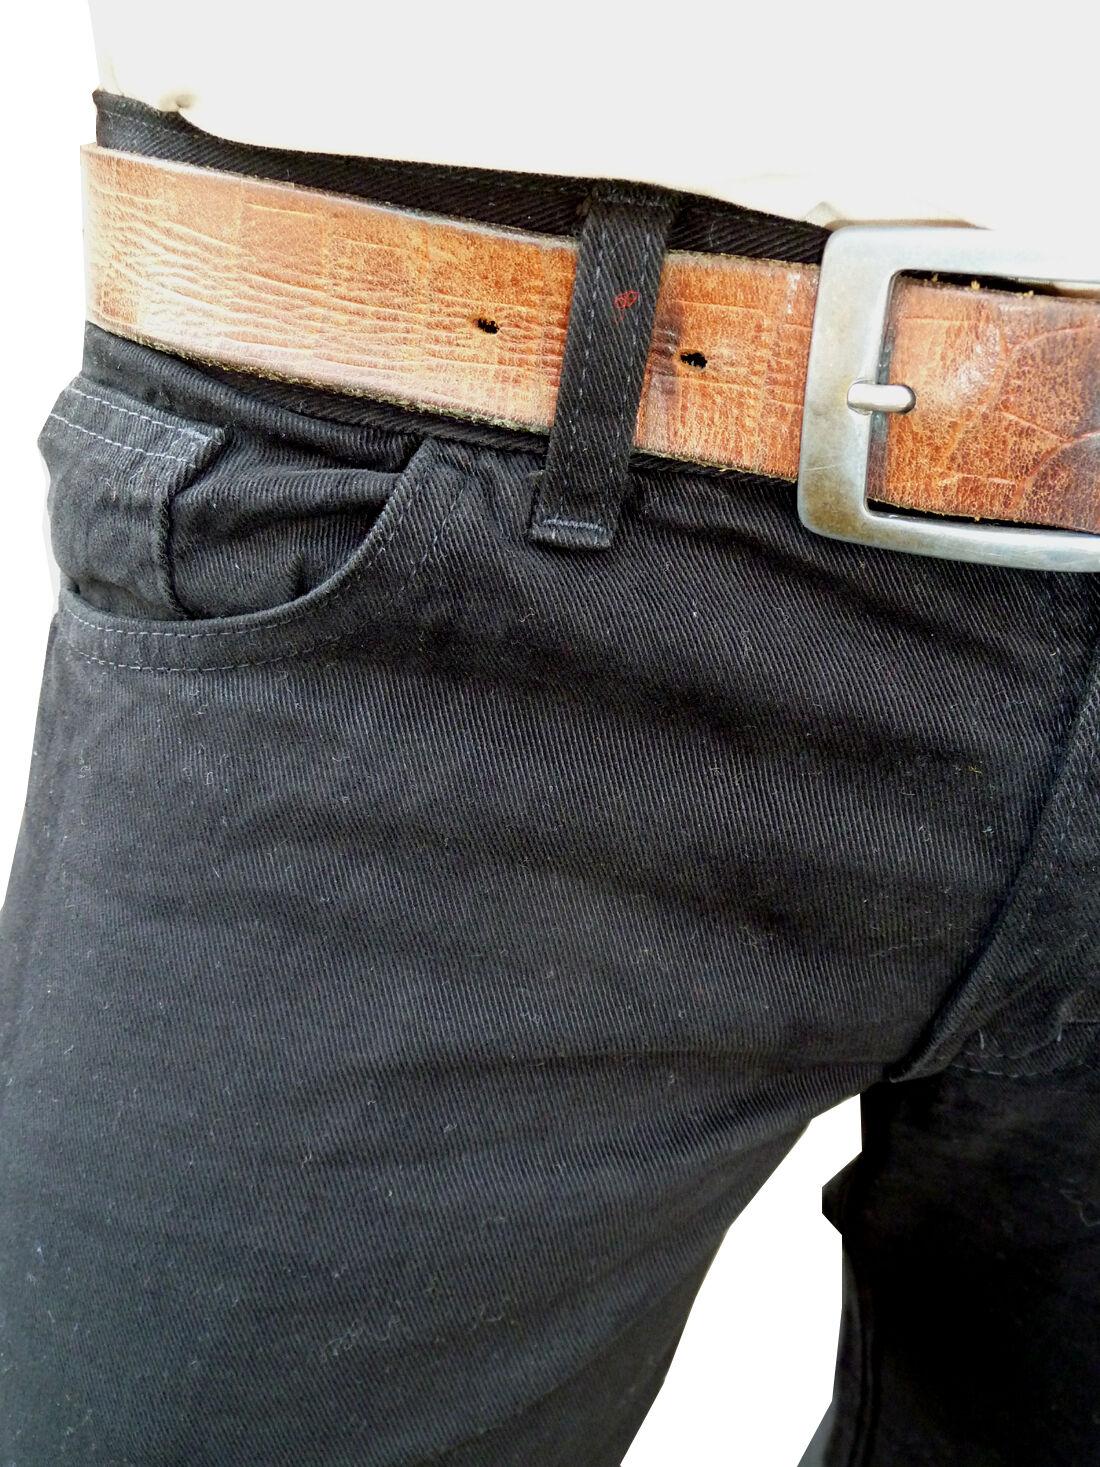 Nuovo da Uomo a Campana Flares Jeans Svasato Vintage Anni Anni Anni '60 70 Indie Pantaloni 86a7a2